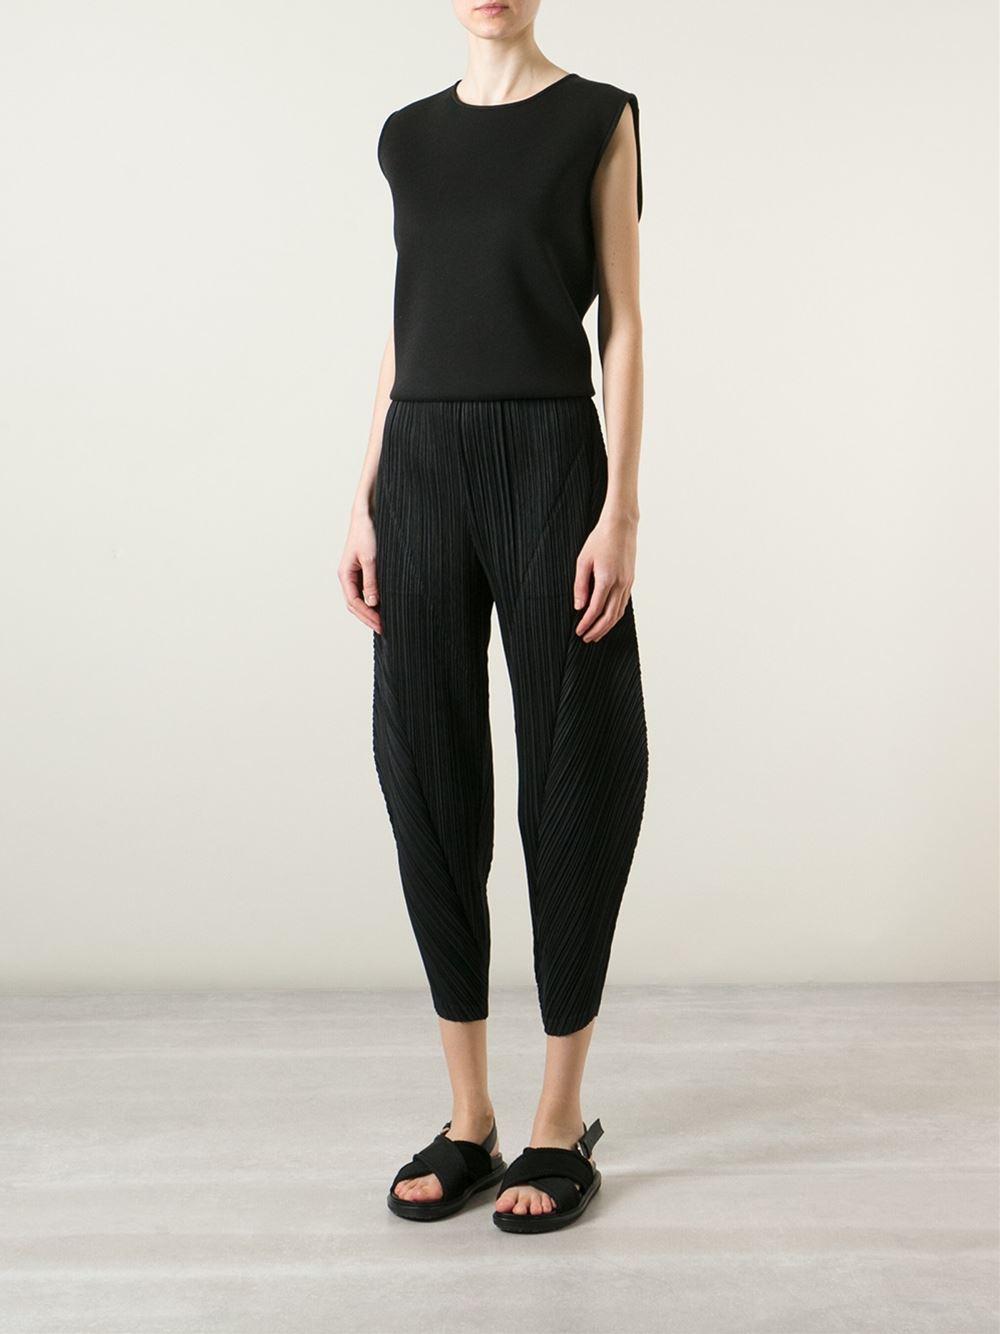 Black Bootcut Jeans Women